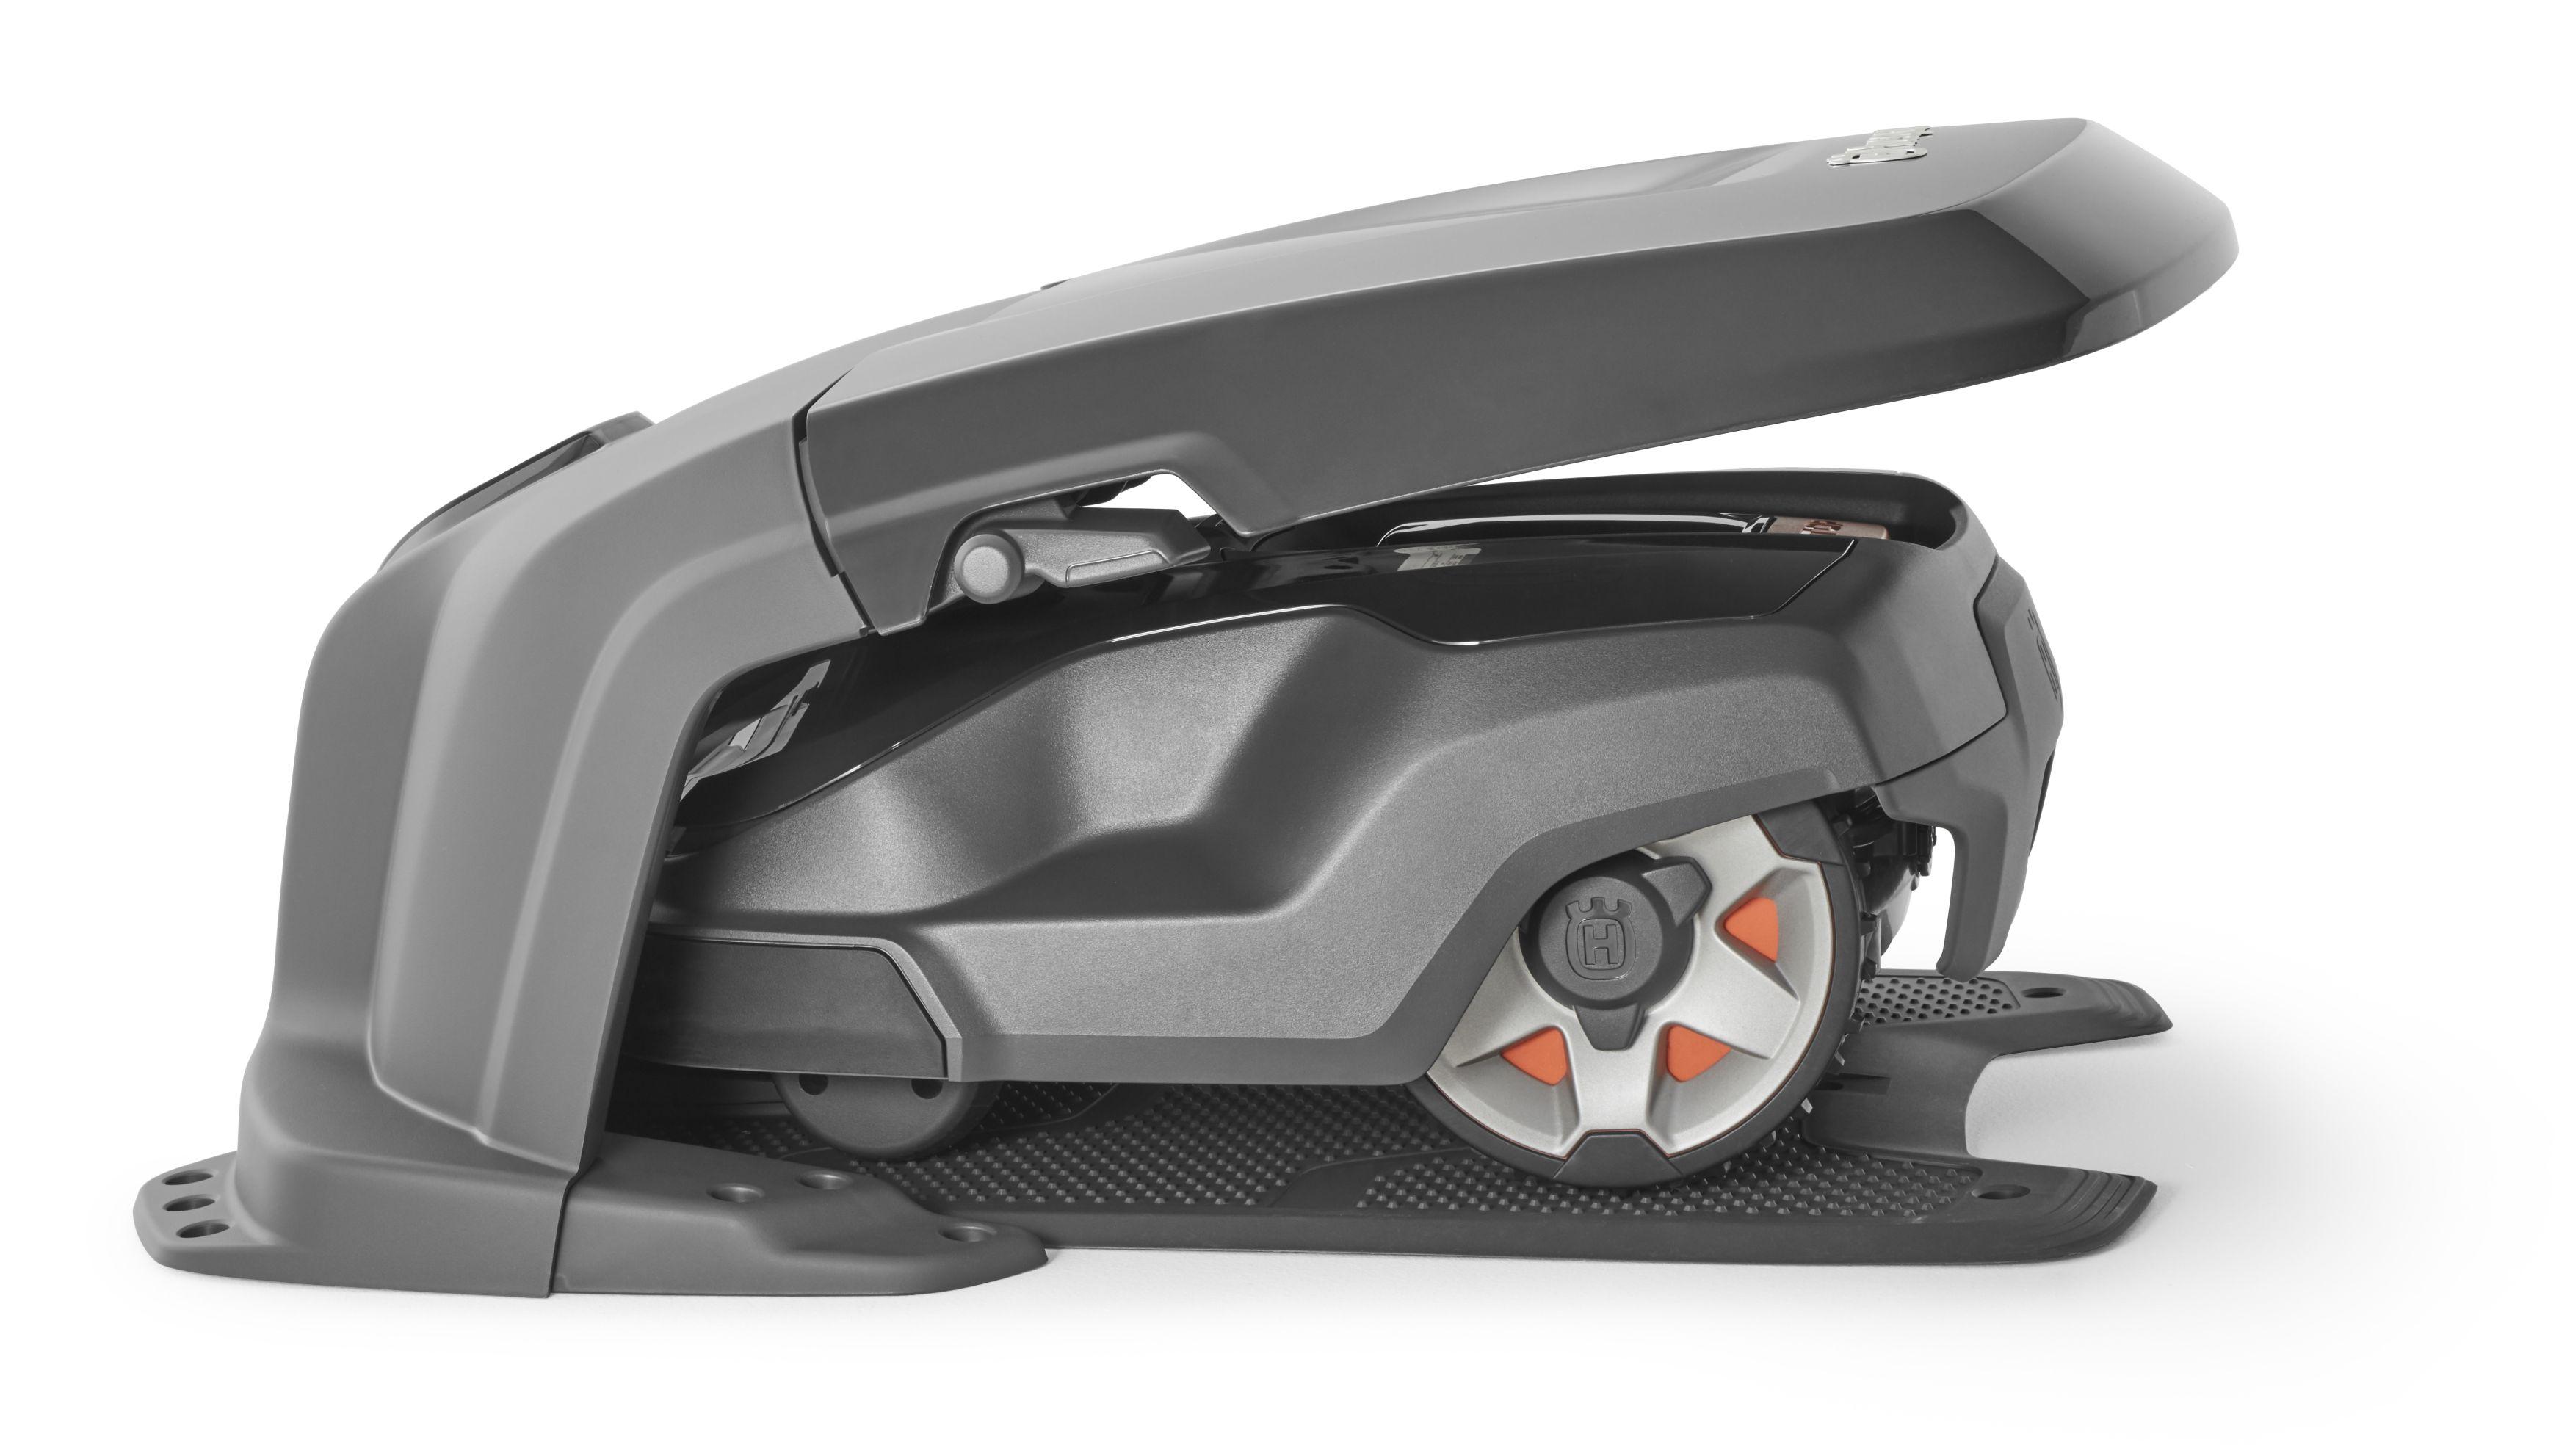 M/ähroboter Zubeh/ör Husqvarna Garage Automower 420 // 430X // 440 // 450X